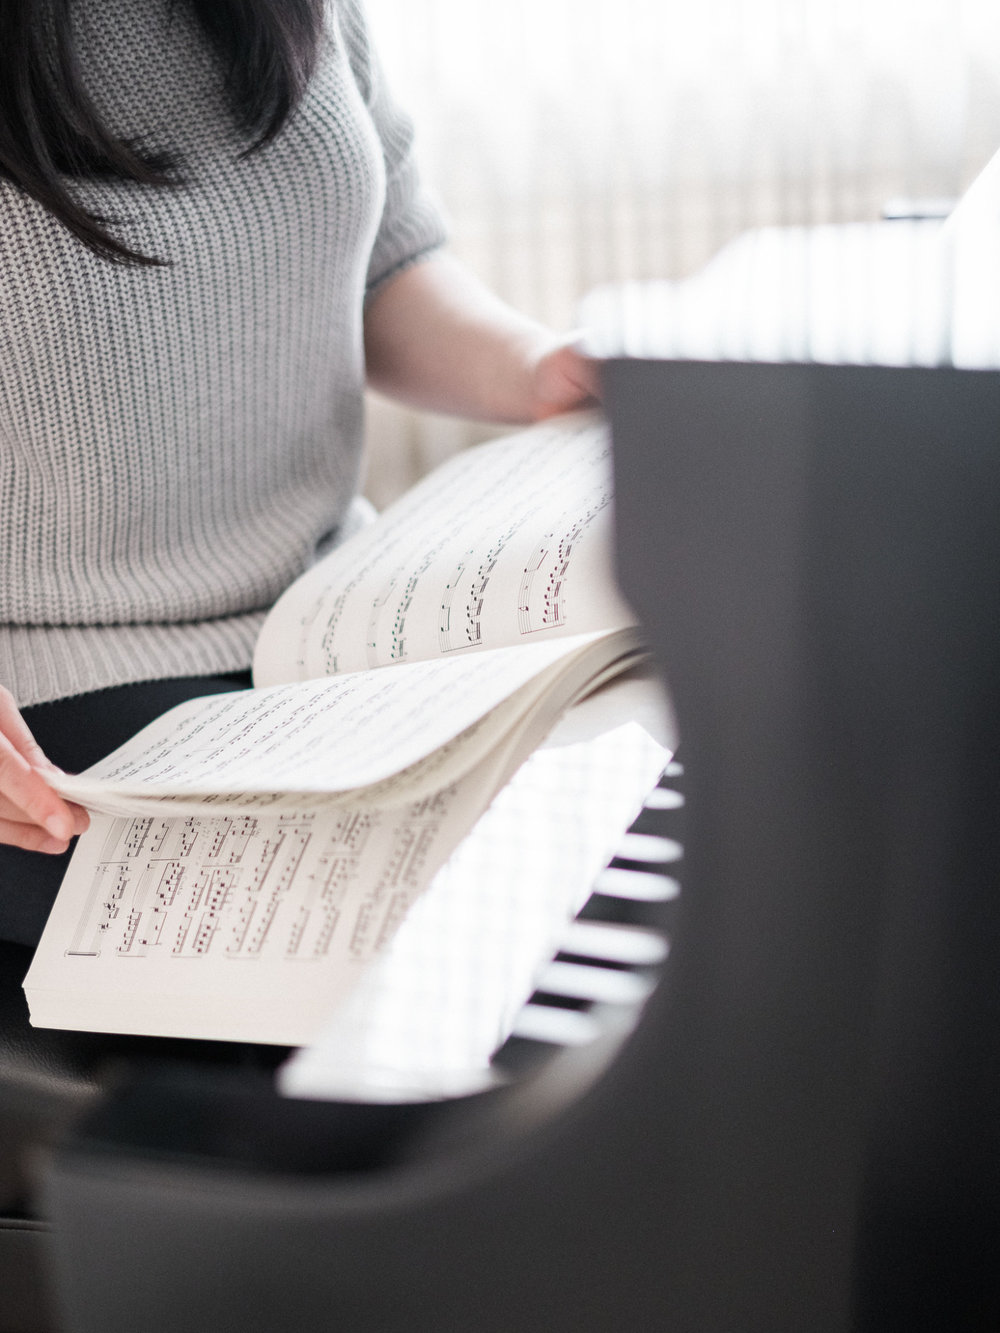 Flipping-music-at-piano